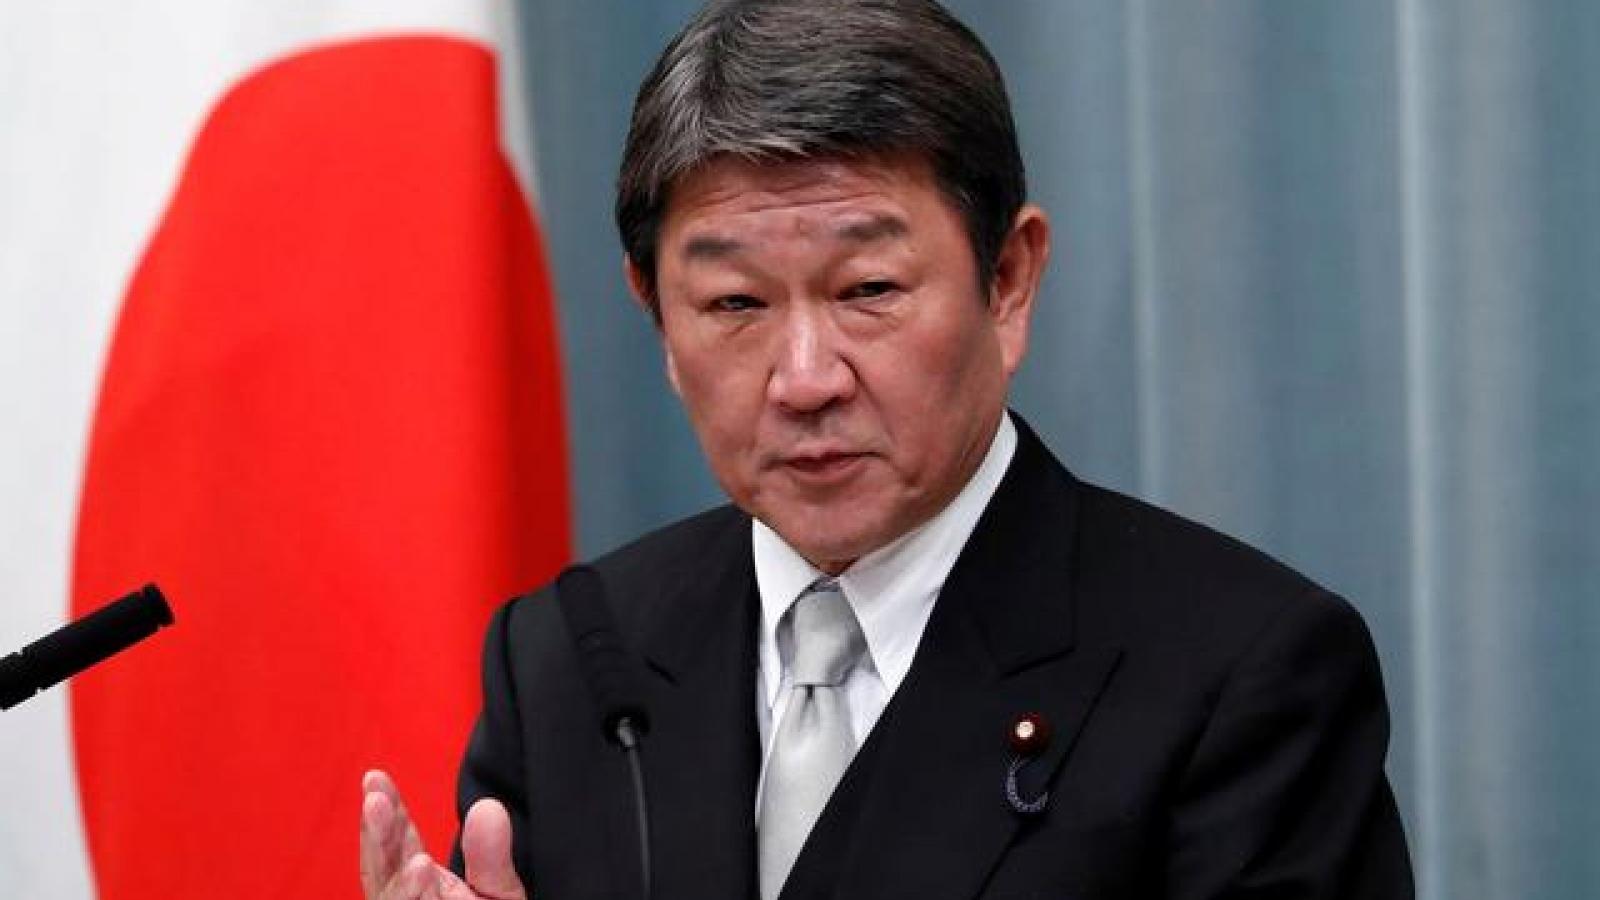 Ngoại trưởng Nhật Bản chuẩn bị công du các nước Trung Đông